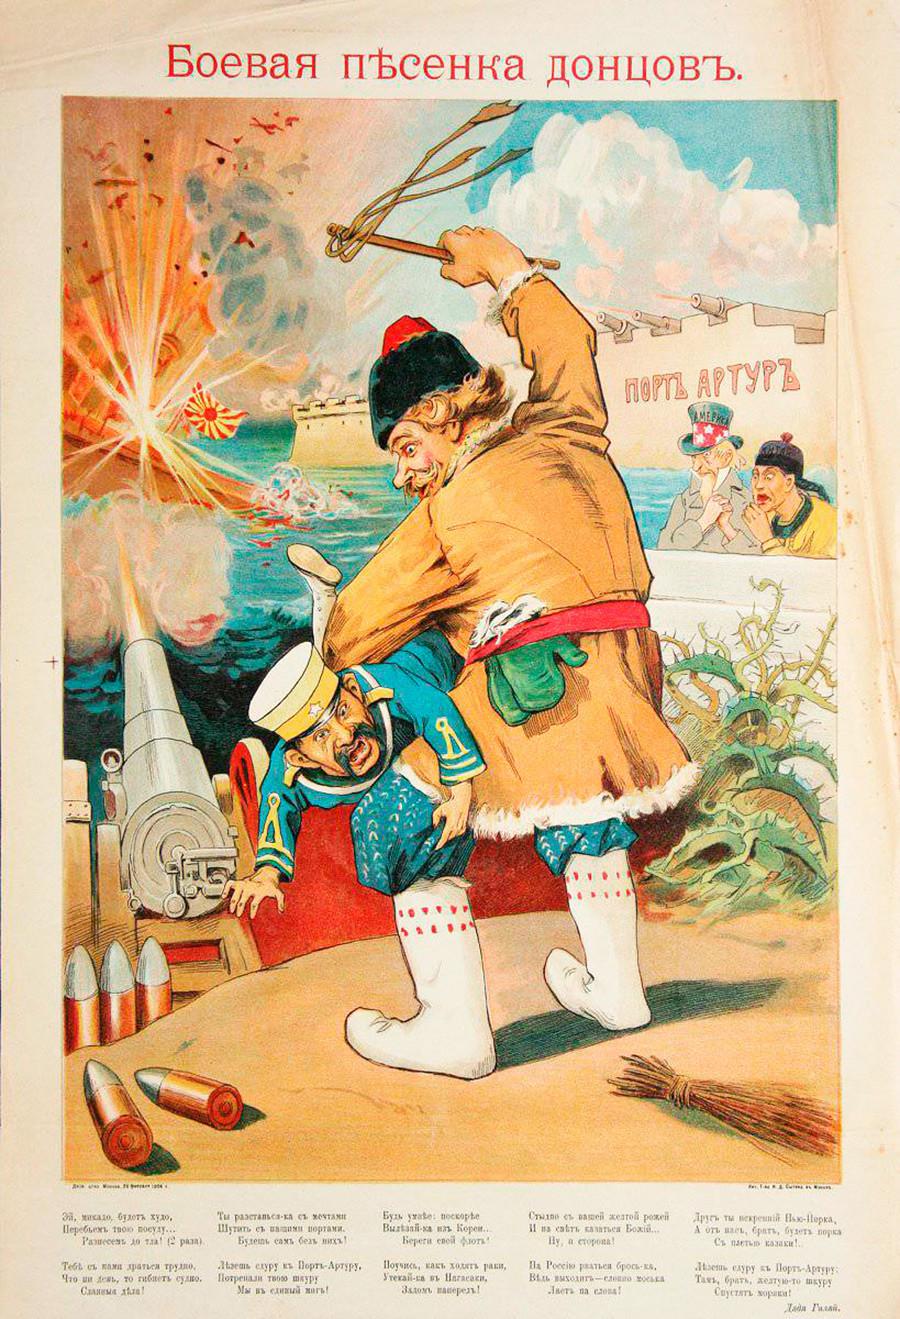 »Če bi radi rešili ladjevje, hitro iz Koreje in brž proti Nagasakiju – hitreje!«